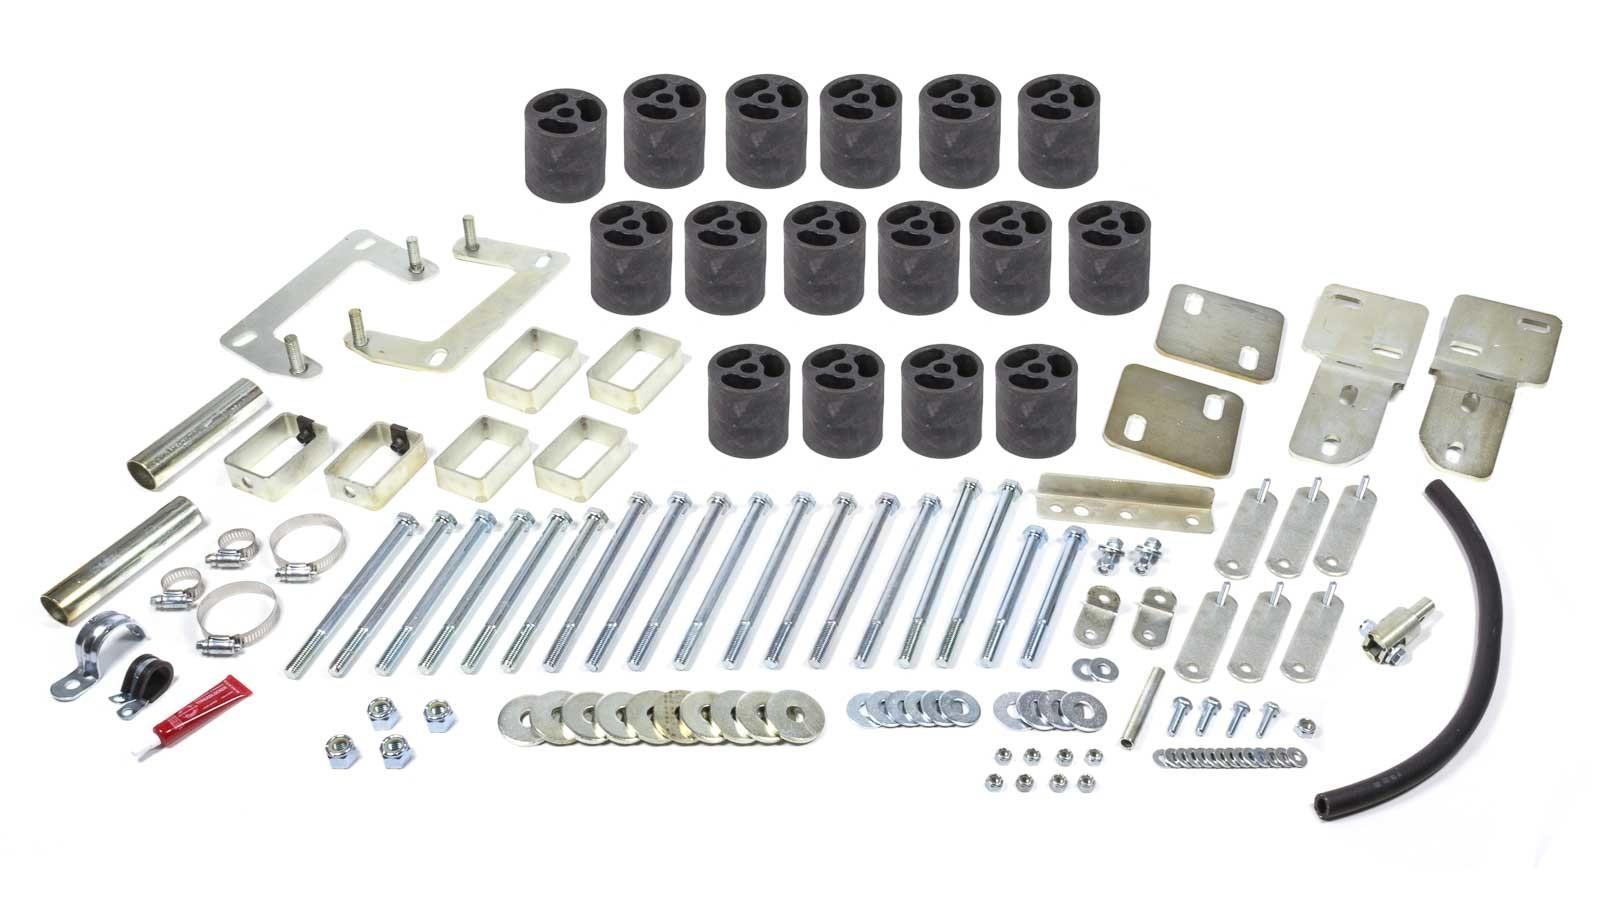 01-06 Ranger 3in. Body Lift Kit